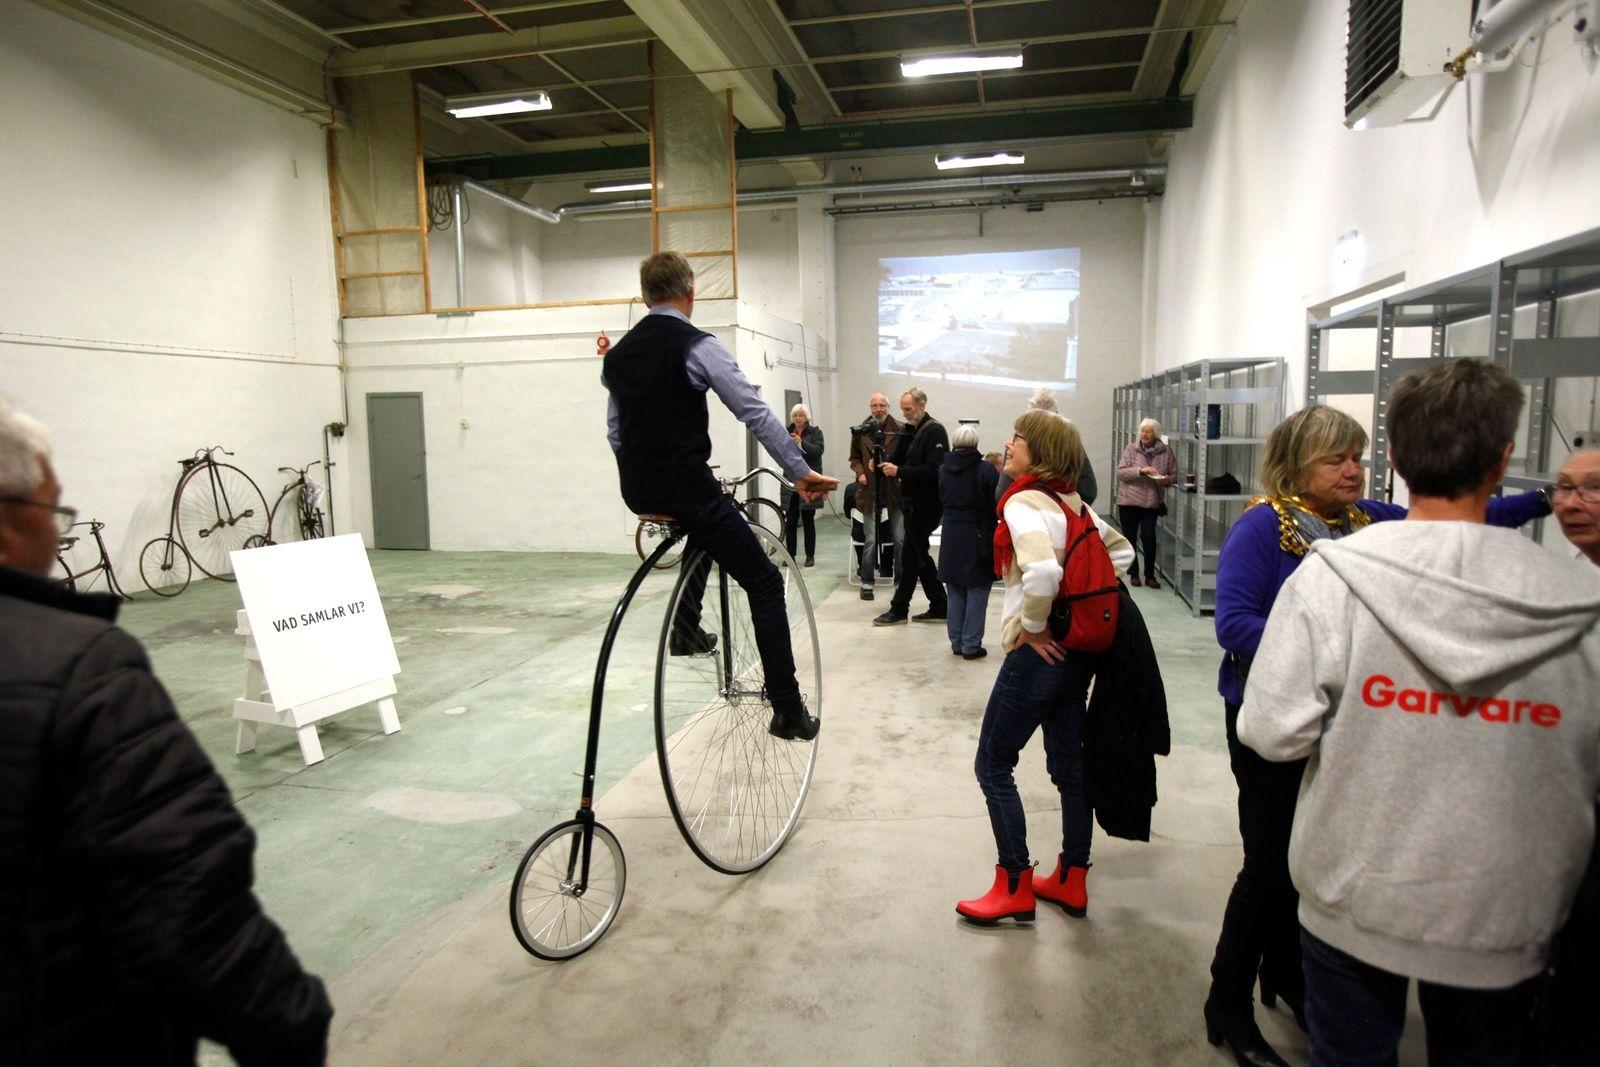 Efter invigningen förevisade Per-Olof Kippel från Standard High Wheels sin höghjuling. Entreprenören och arkitekten var sugen på att testa museets gamla höghjuling, men den var dessvärre inte i körbart skick.